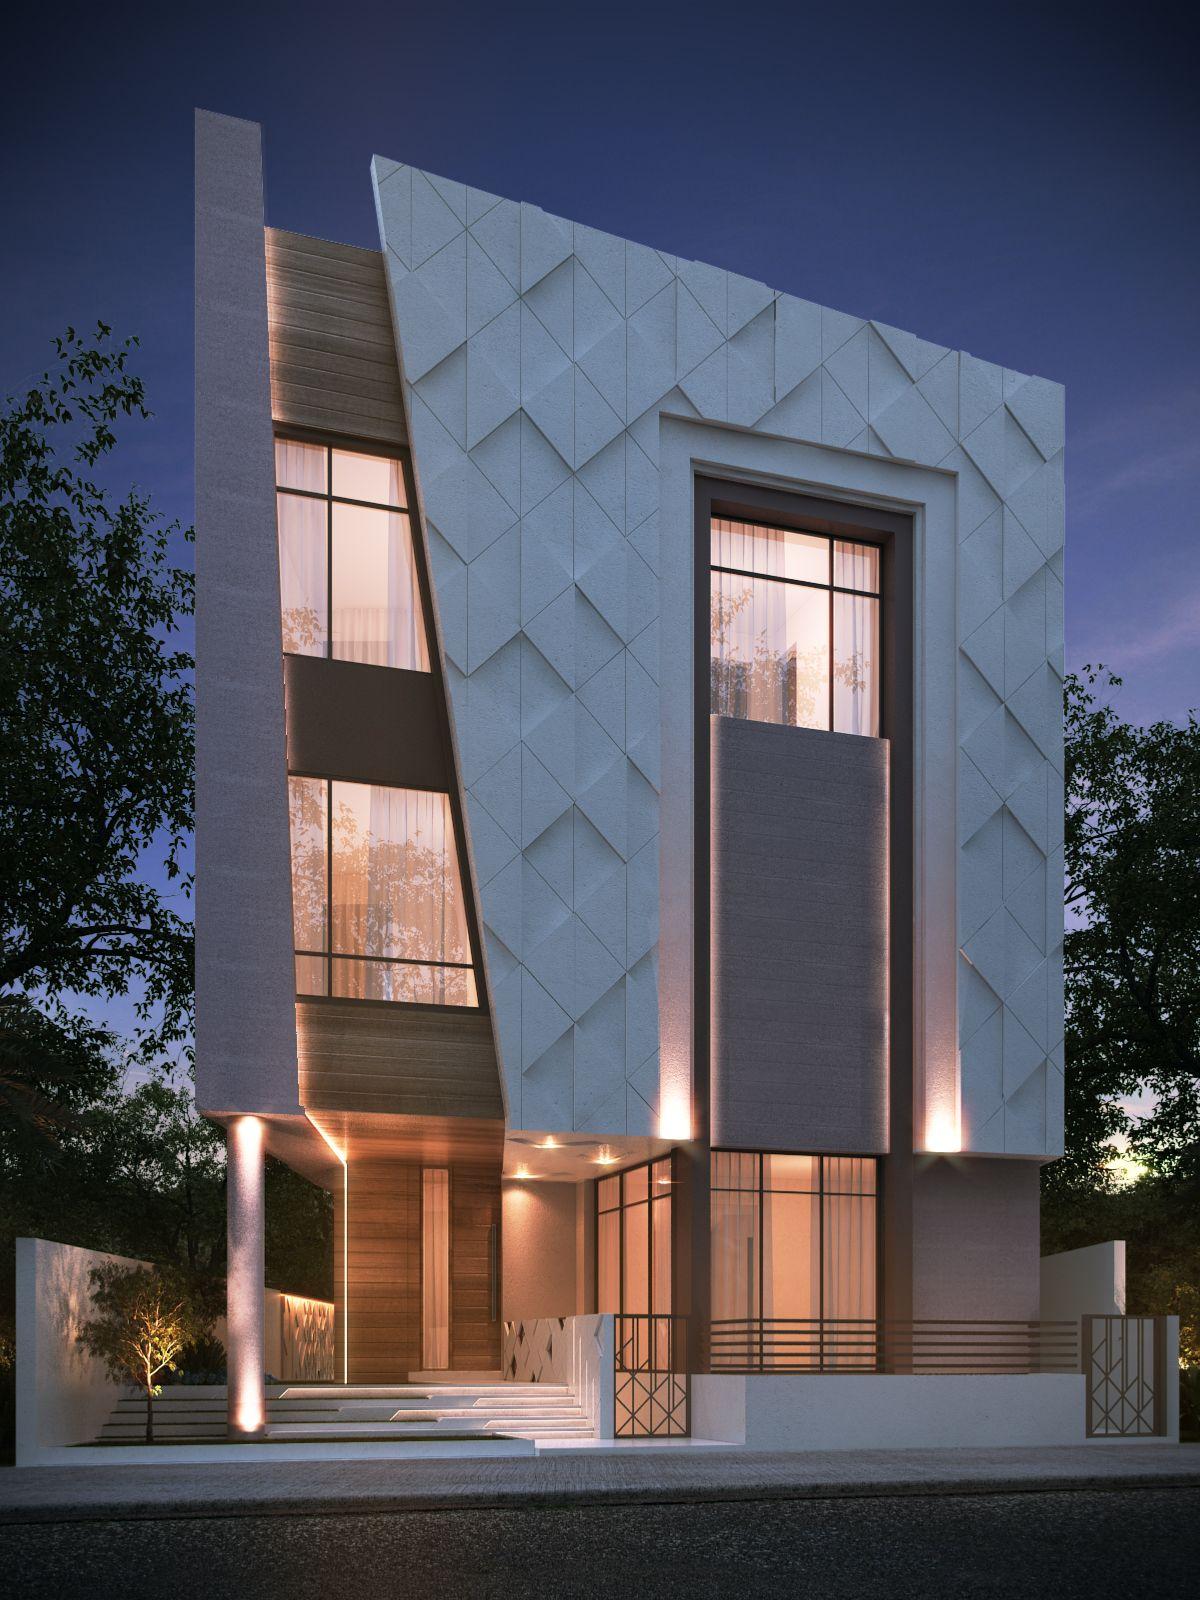 Façades Villa U2013 Façades De Maisons Contemporaines U2013 Façades Design U2013 Modern  Facade